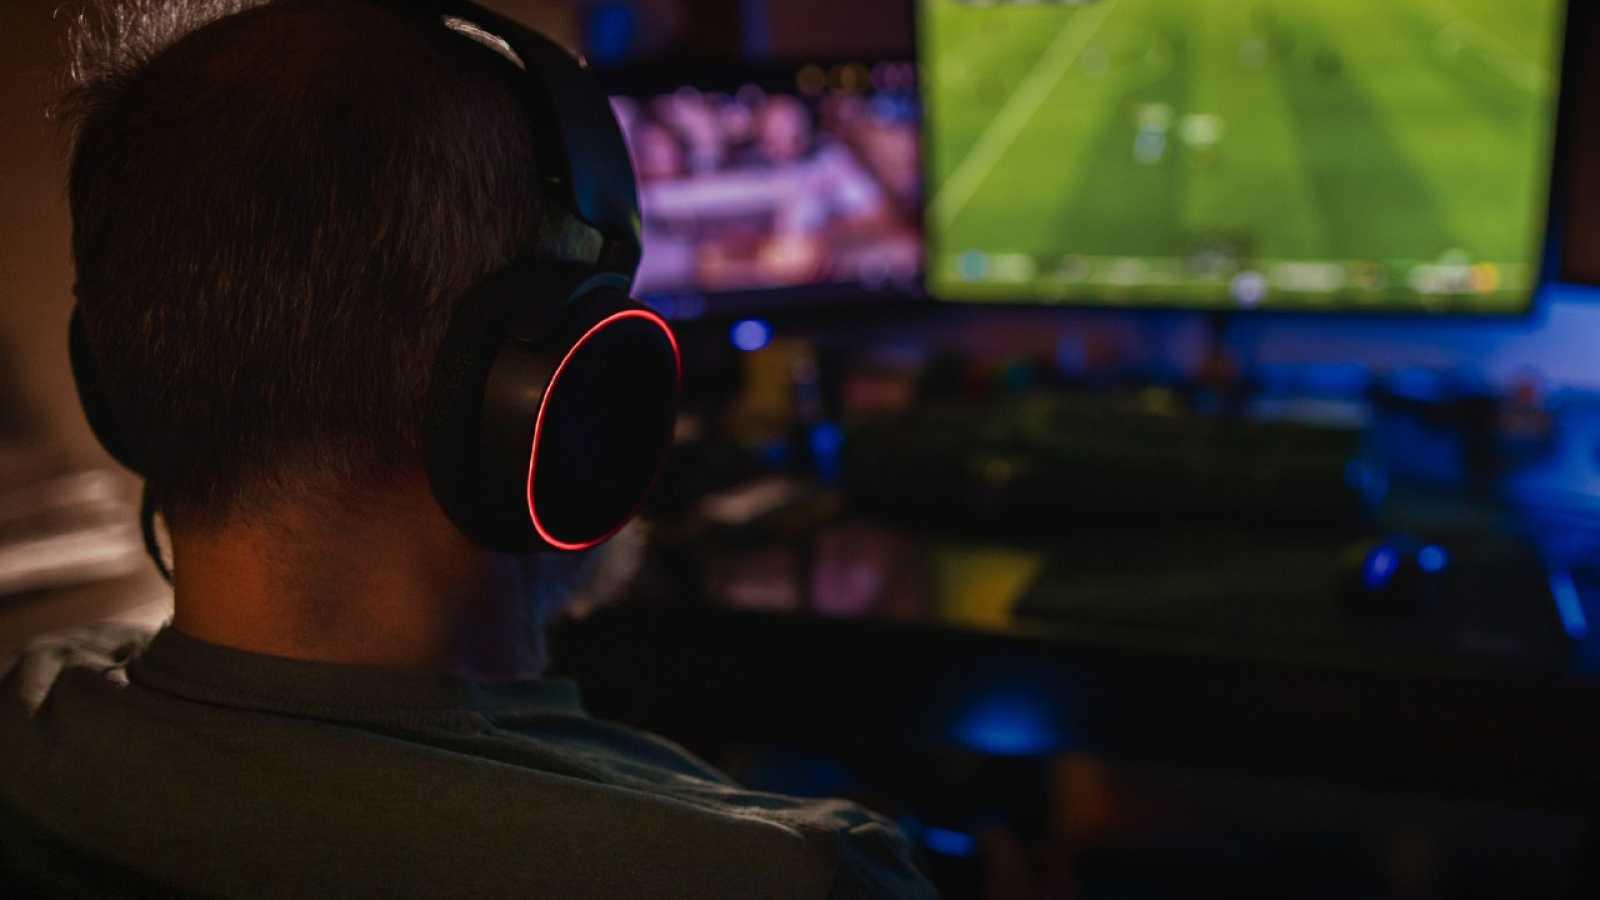 La resiliencia de Ranerista y Zidane 10 en los eSports